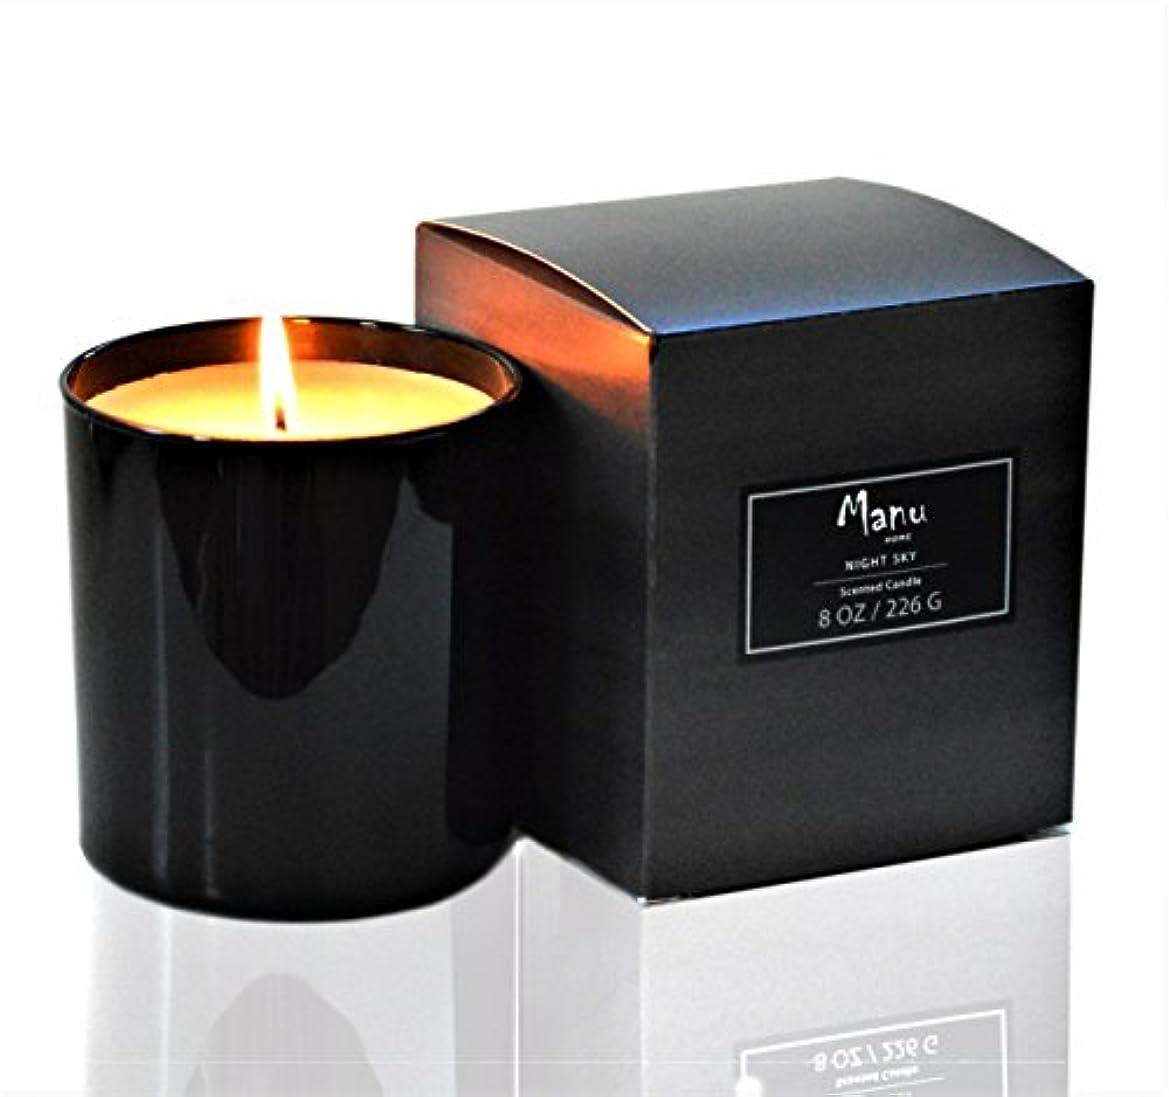 マーケティング輝く報復Cyber Week Special 。ManuホームNight Sky Scented Candle ~ A Refreshingライトの香りジャスミン、スエードとホワイトFrangipani ~ソフト香り~ Soothing...